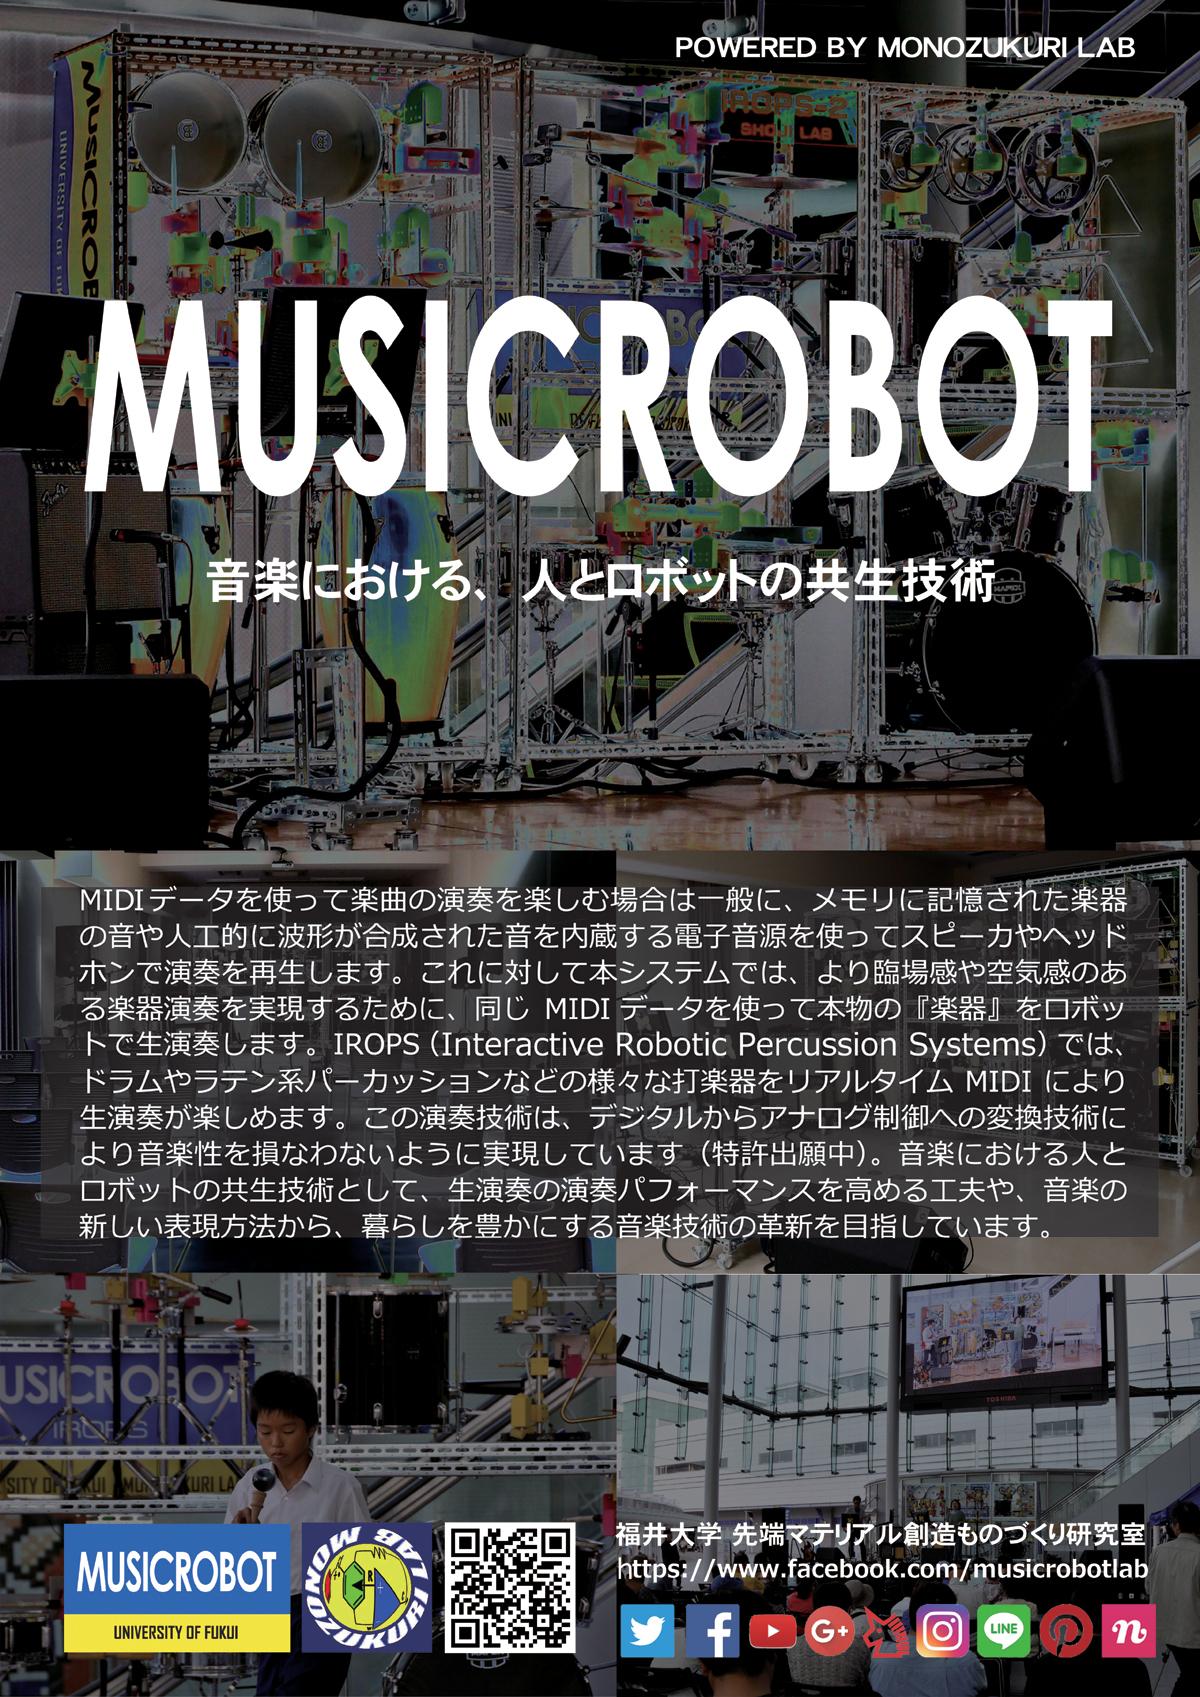 musicrobot_pan_10-outline_x1200.jpg